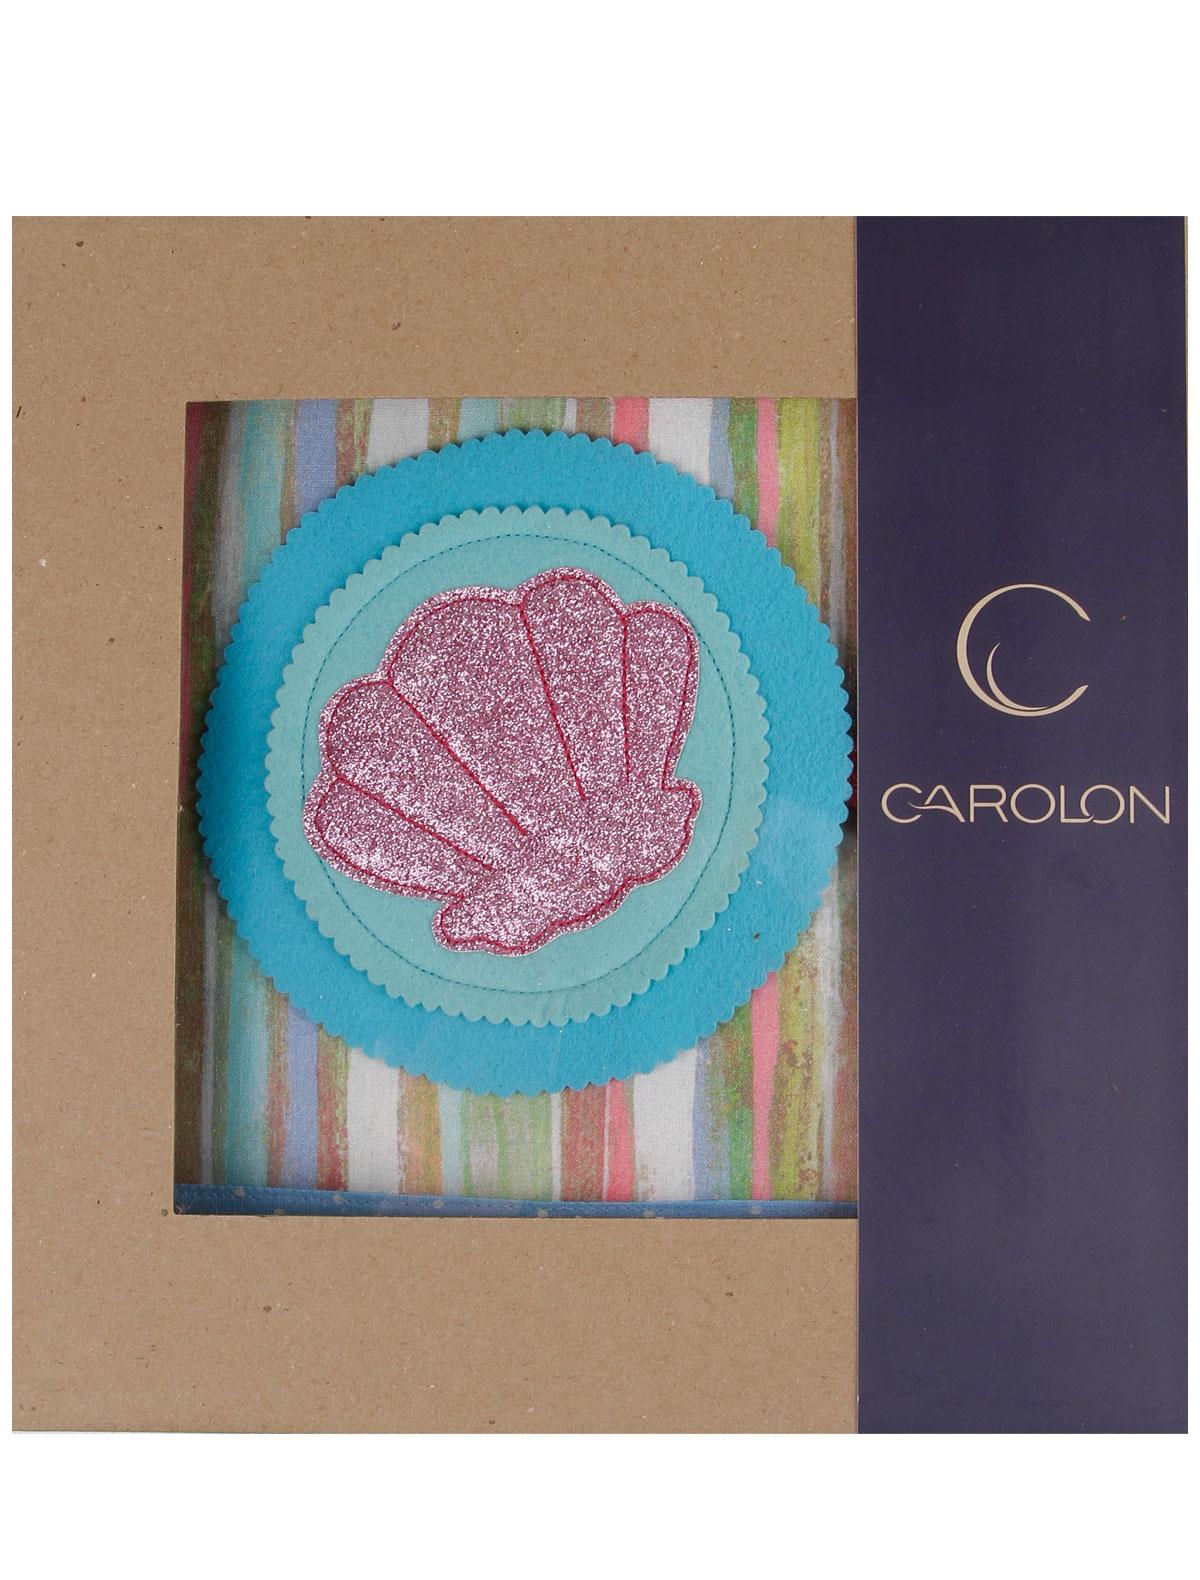 Купить 2146905, Игрушка Carolon, разноцветный, 7132520980524